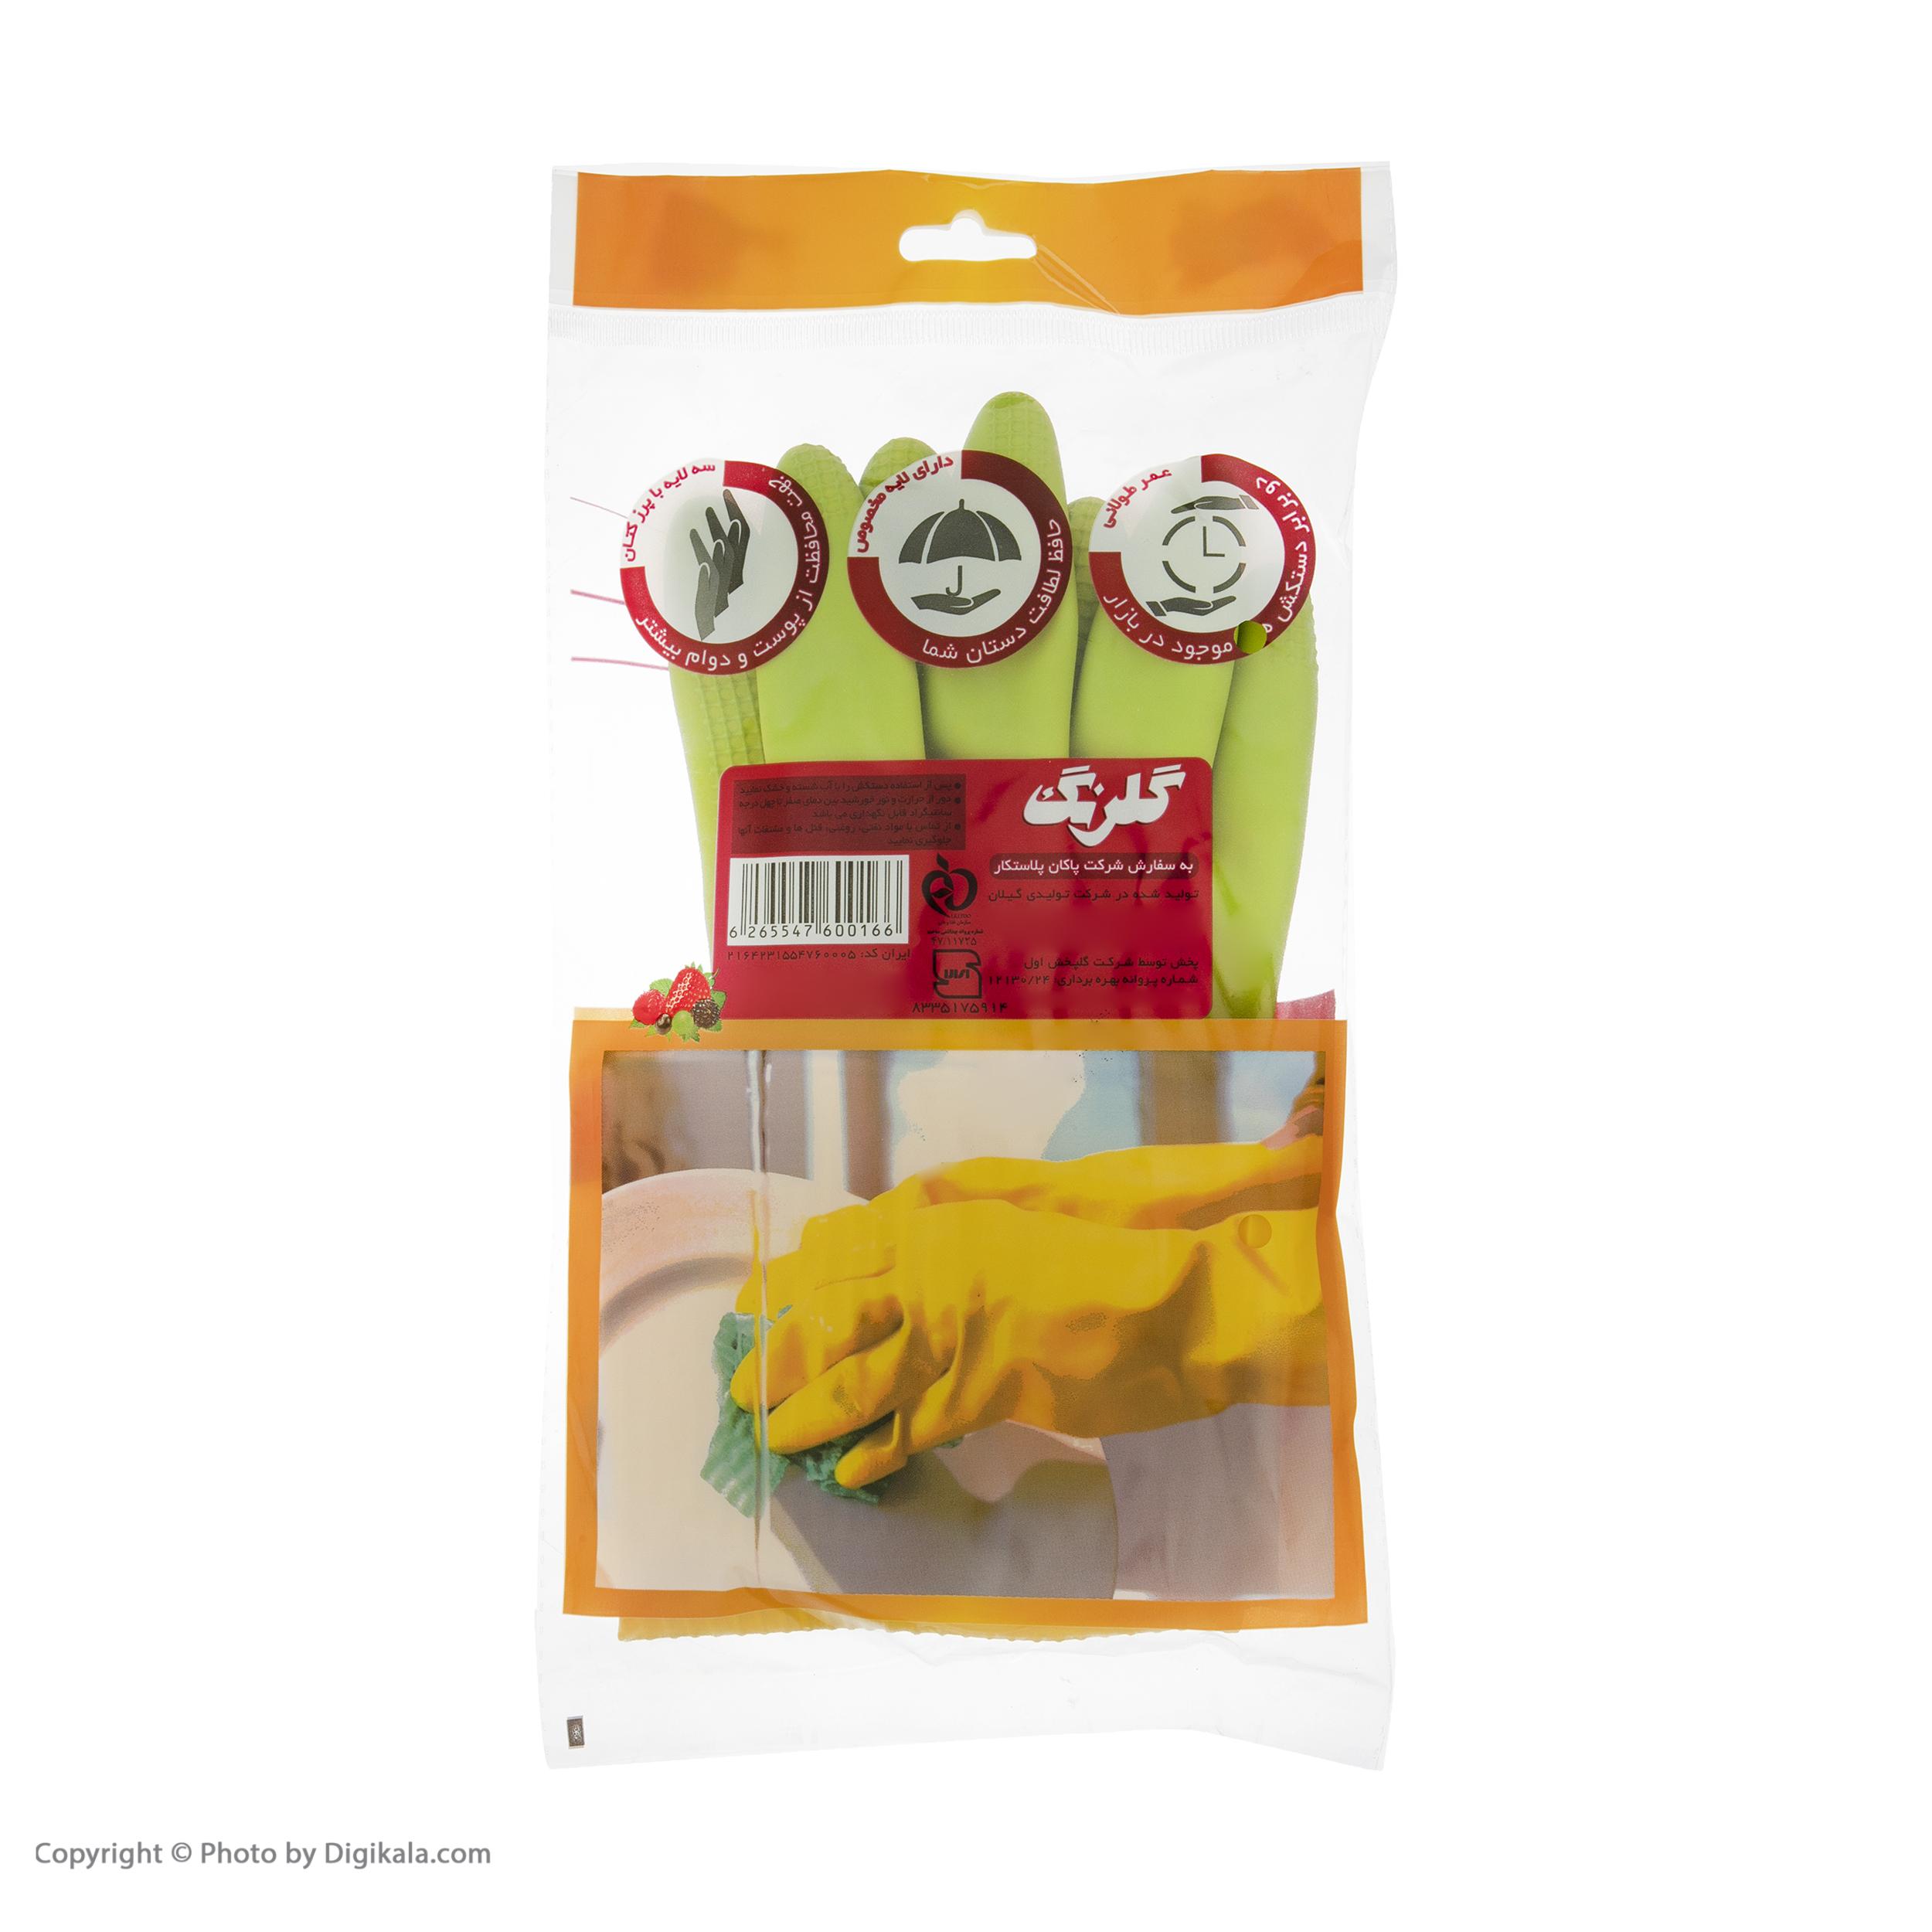 دستکش آشپزخانه گلرنگ کد 5100166 سایز S main 1 3